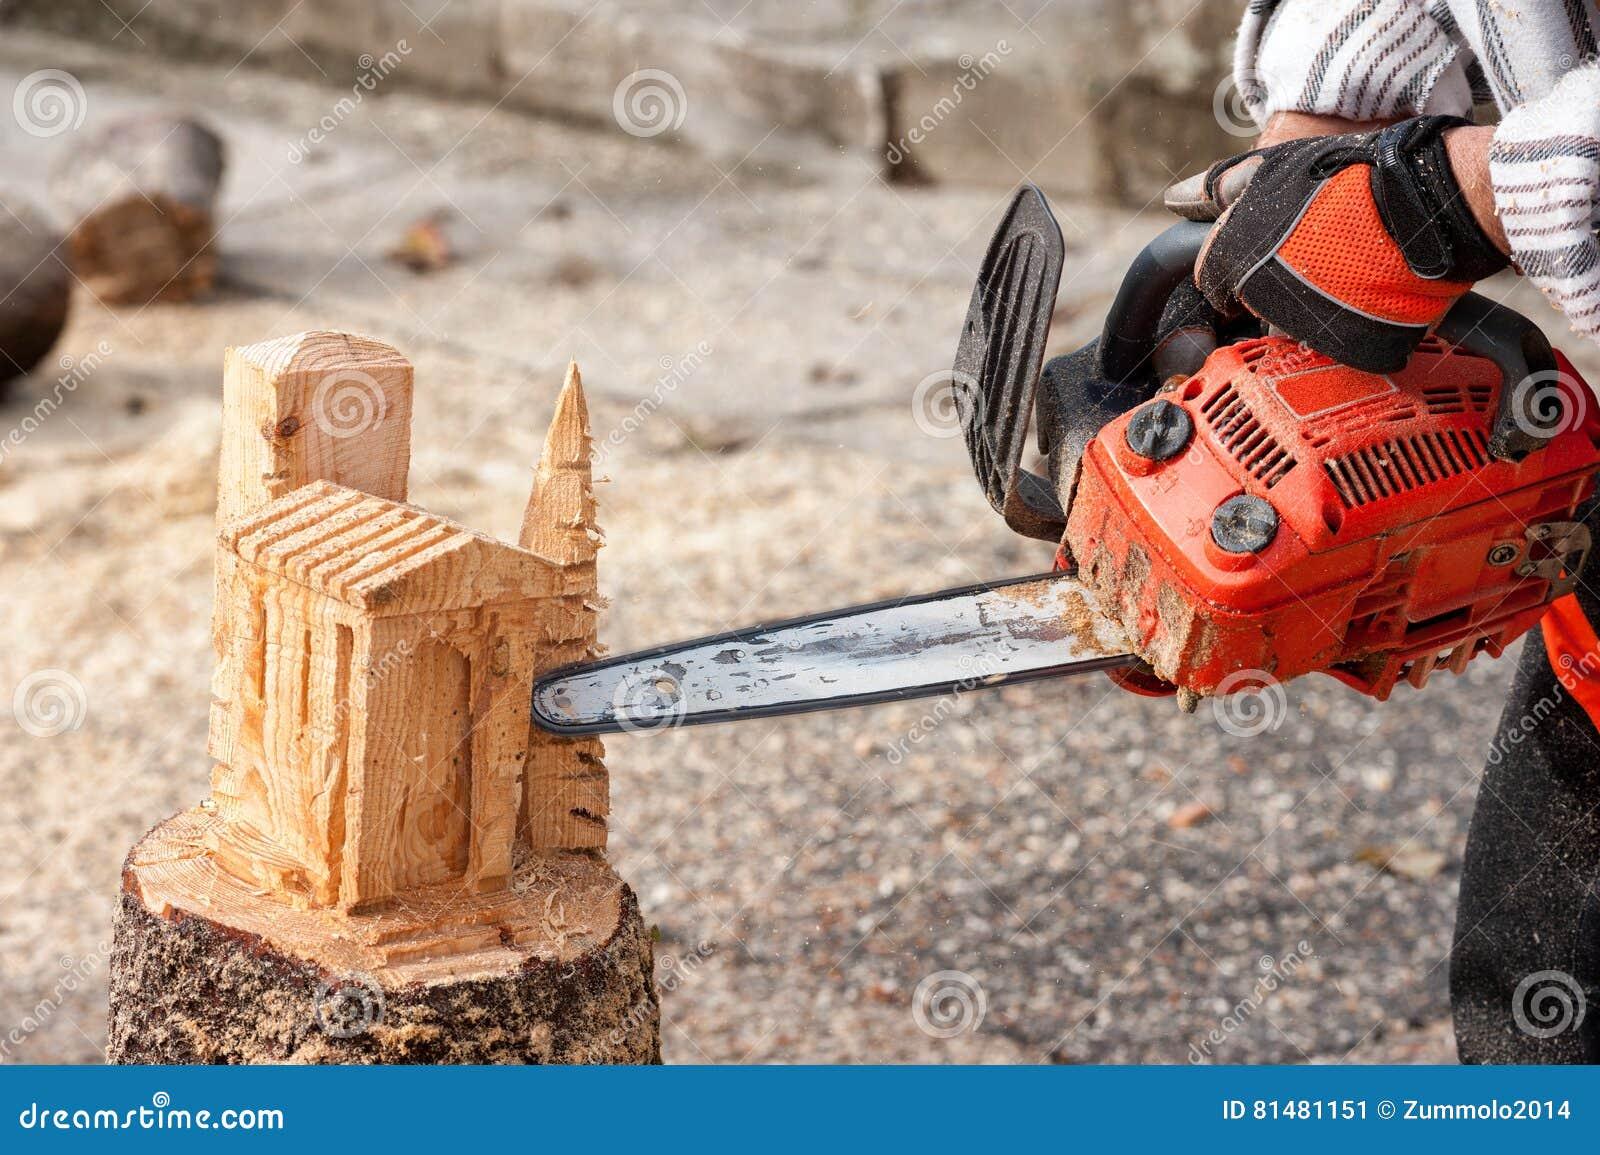 le sculpteur d coupe le bois avec la tron onneuse image stock image du avec trunk 81481151. Black Bedroom Furniture Sets. Home Design Ideas